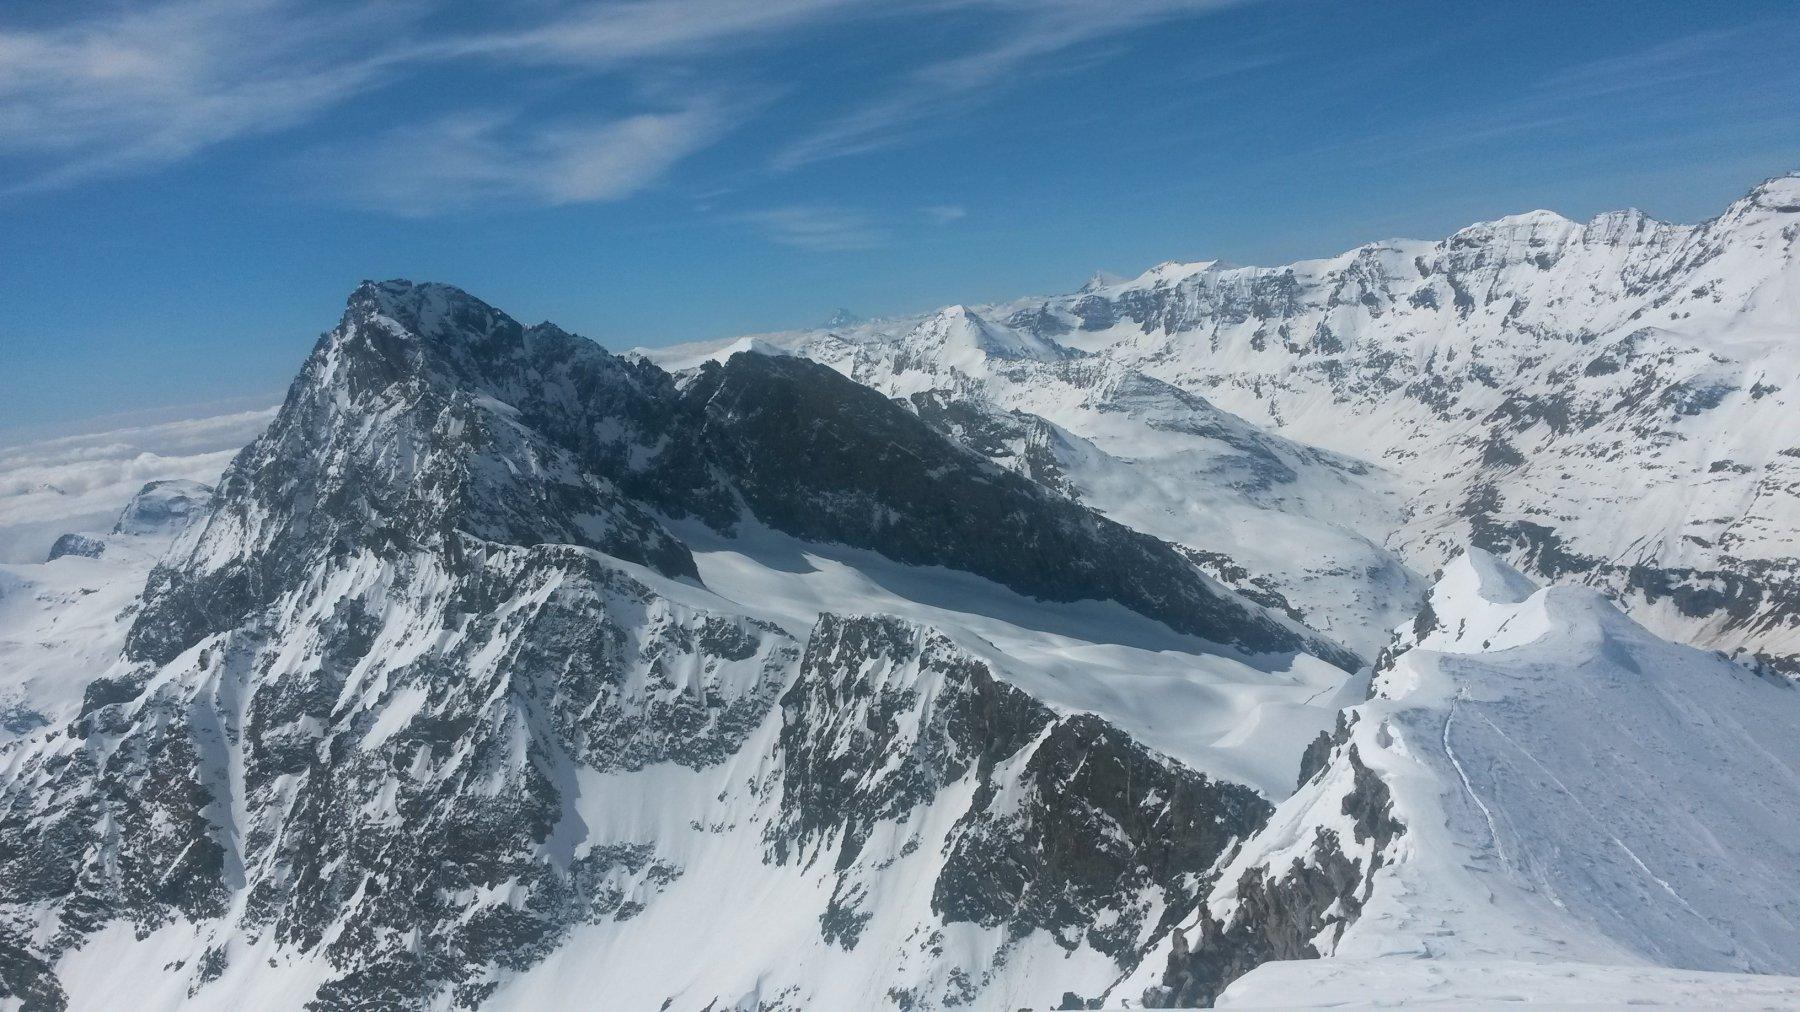 Bessanese dalla cima - si vedono anche il Passage du Collerin e la cresta percorsa dai francesi